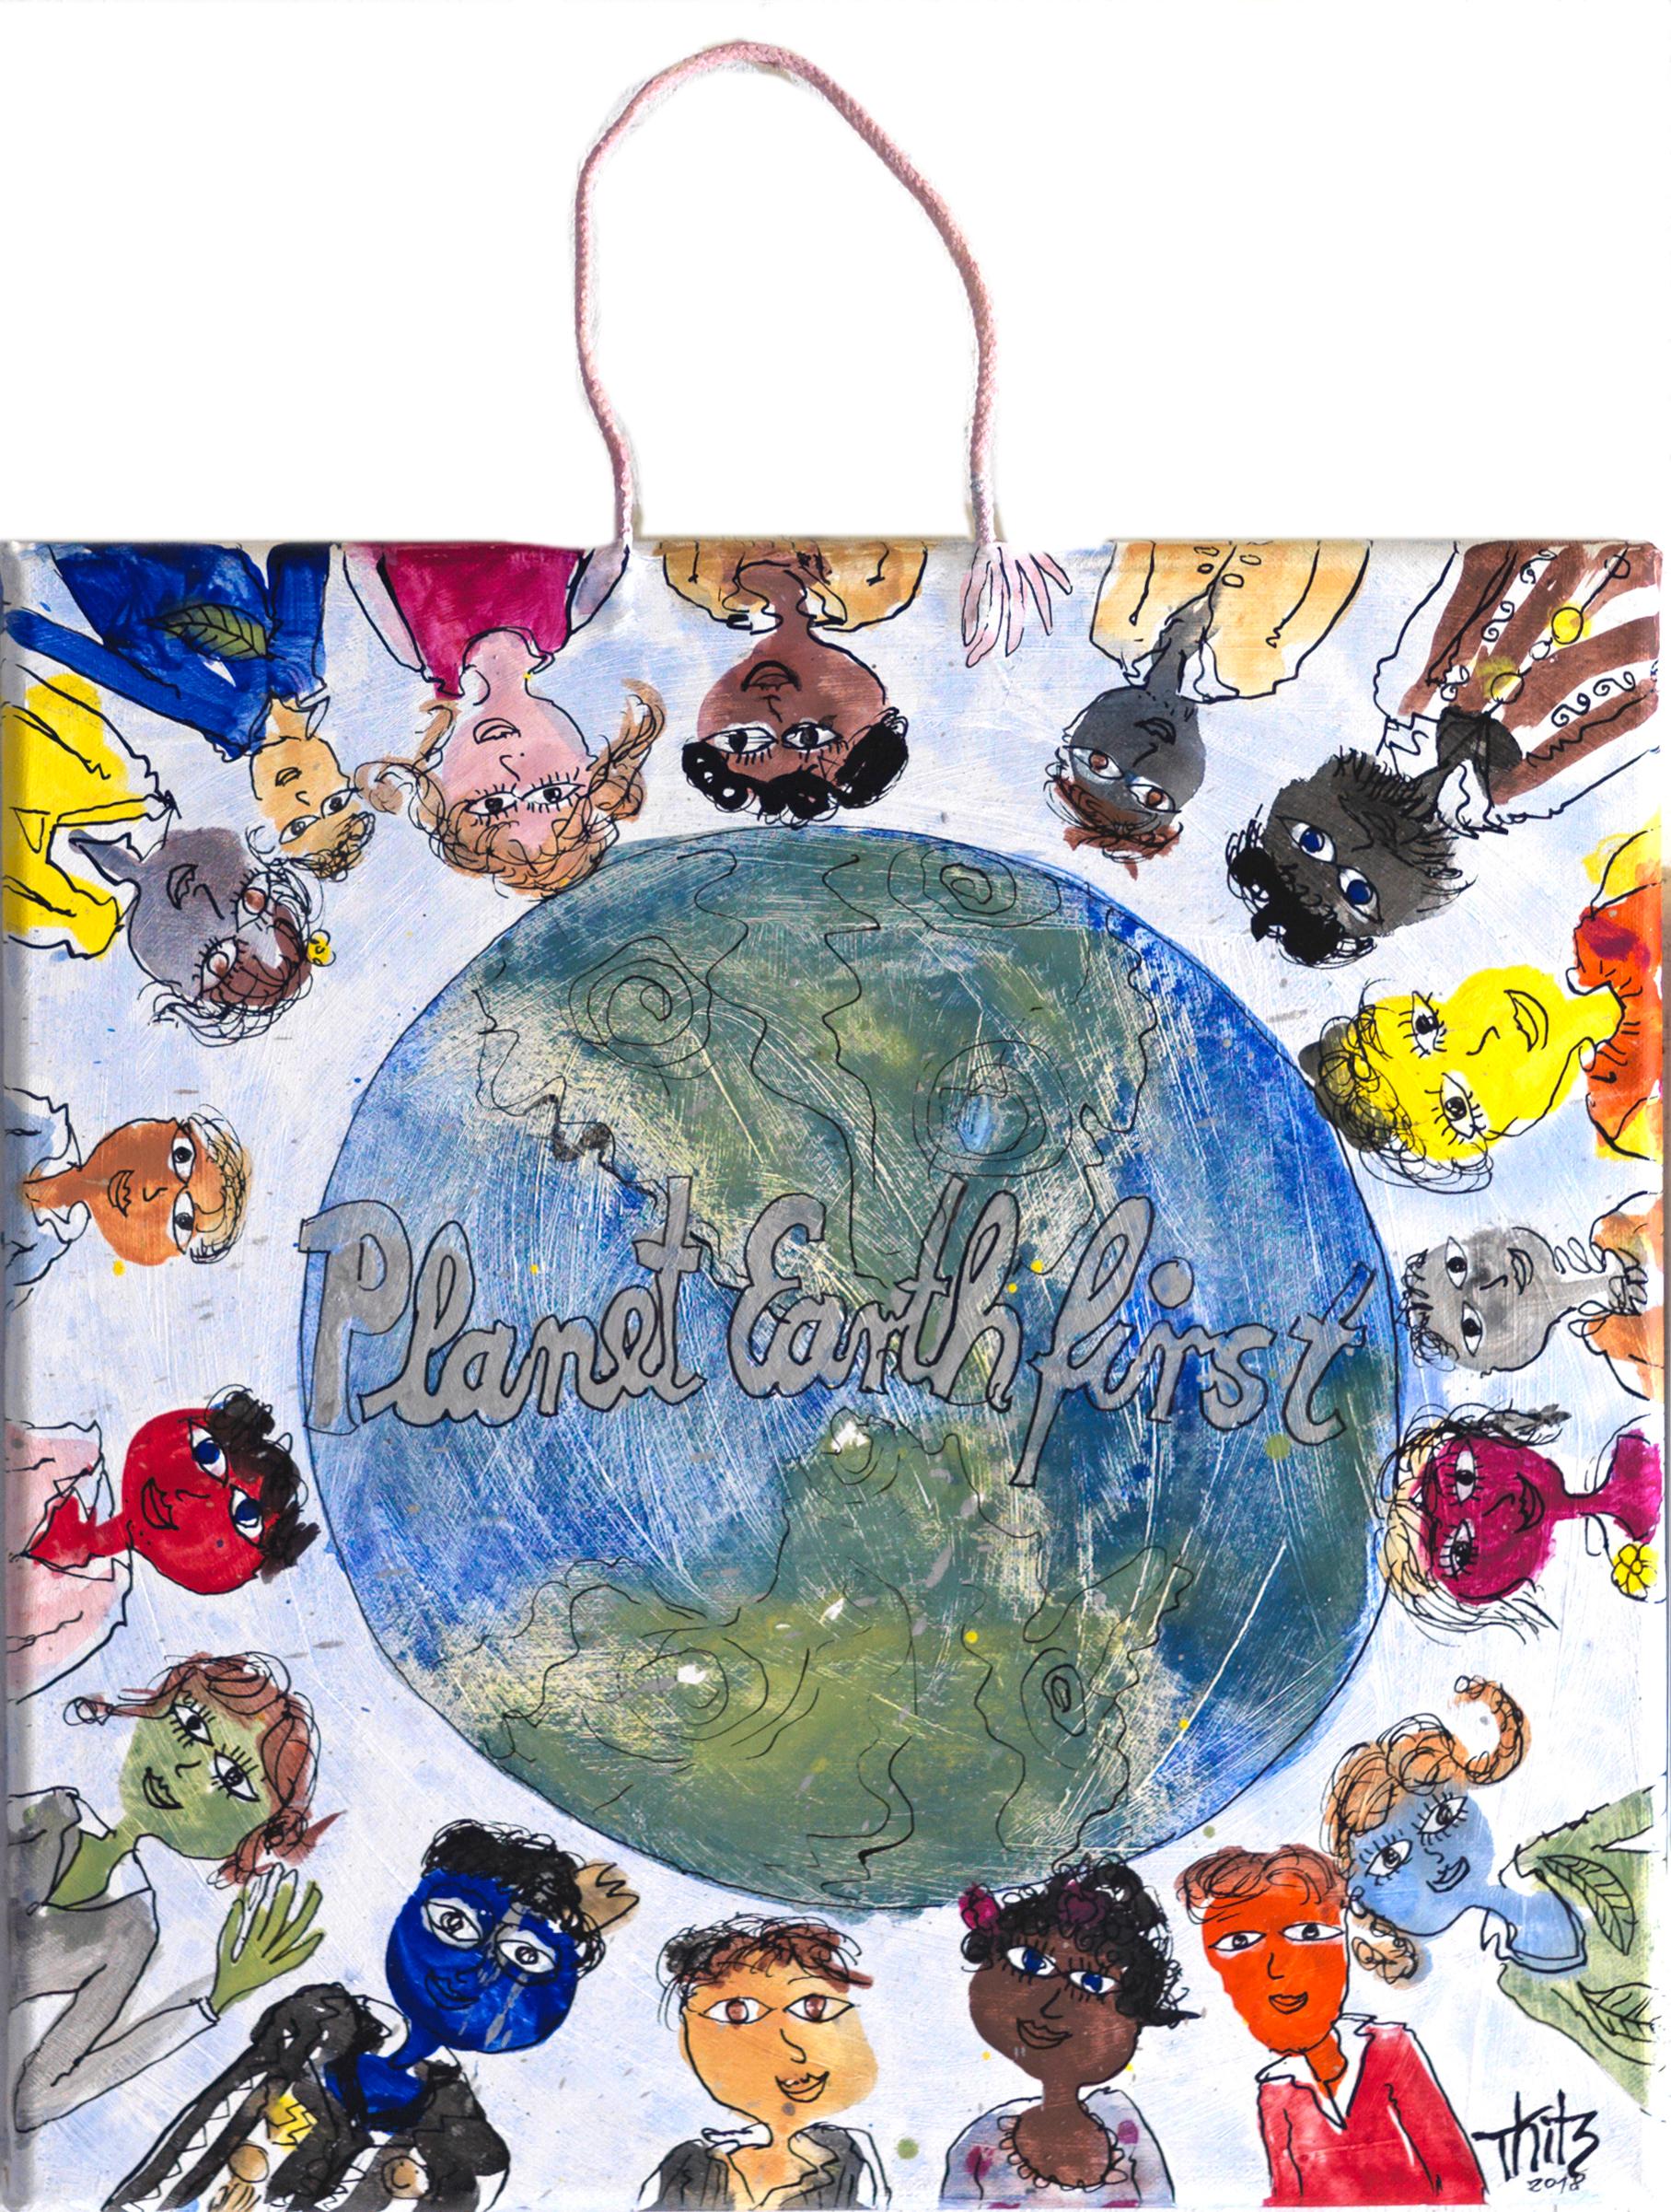 Thitz: Planet Earth First, 2018, Acrylfarben und Tüten auf Leinwand, 40 x 40 cm, 4.000 eur.